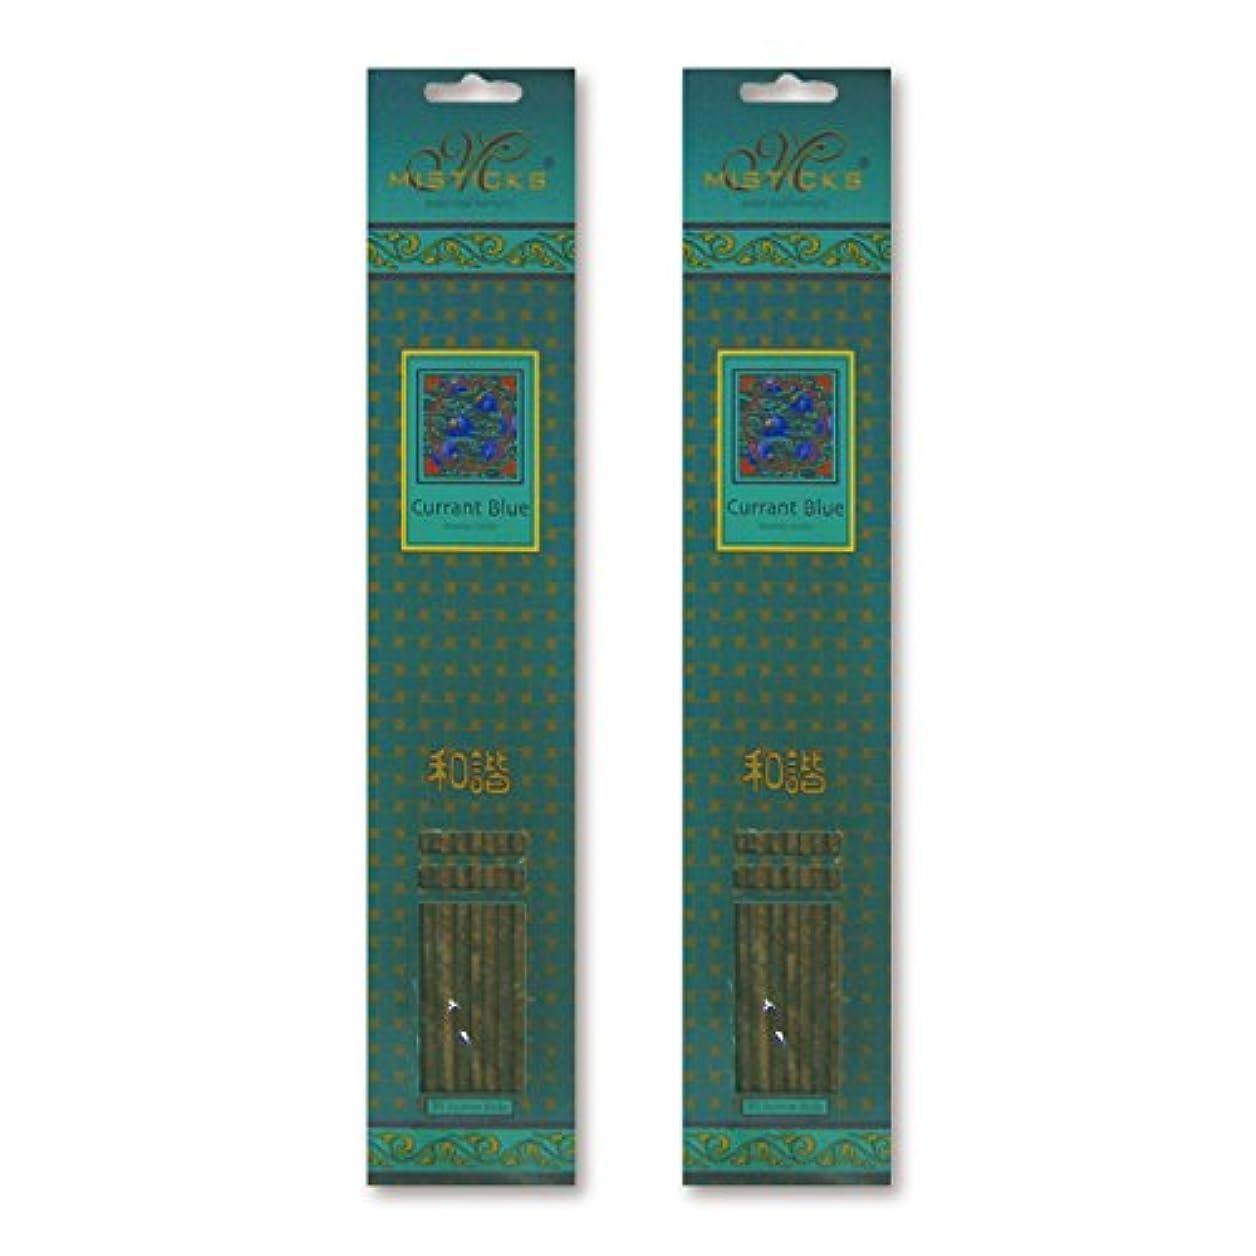 ブラウズ熟読するジュニアMISTICKS ミスティックス Currant Blue カラントブルー お香 20本 X 2パック (40本)